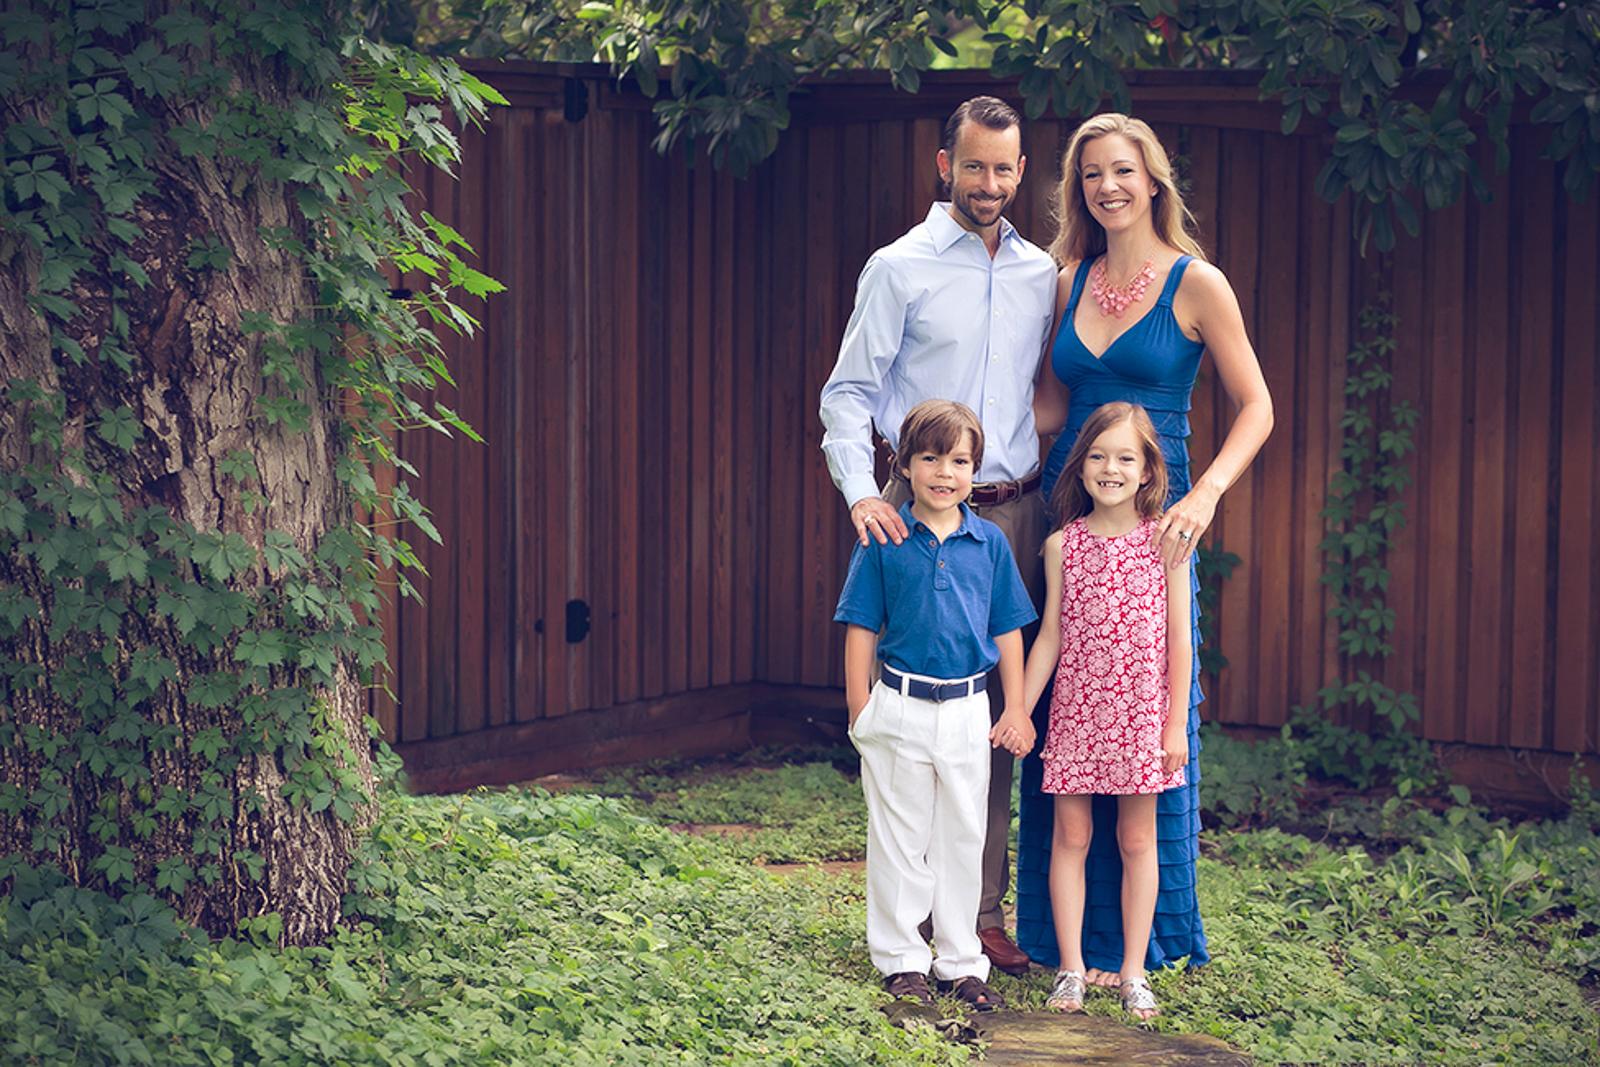 family-outdoors-light-portraits-104.JPG